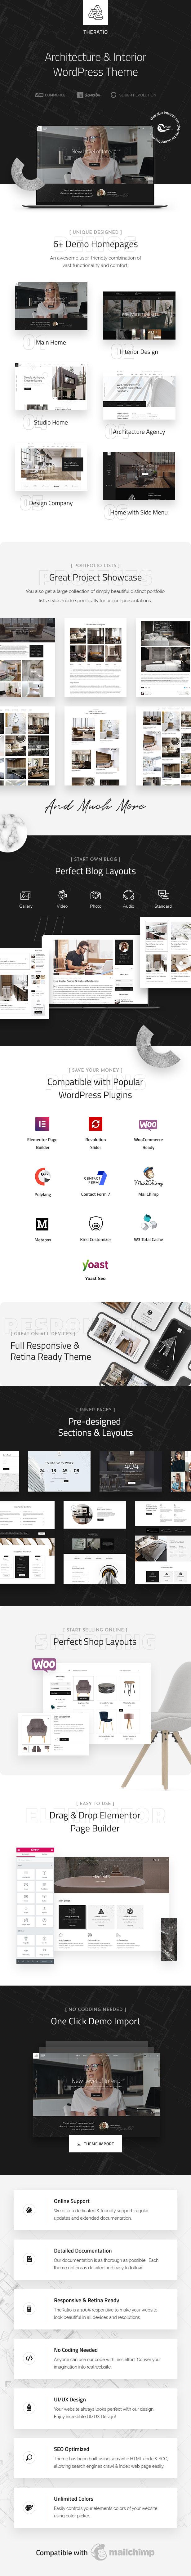 Theratio v1.1.7 Architecture & Interior Design WordPress Theme